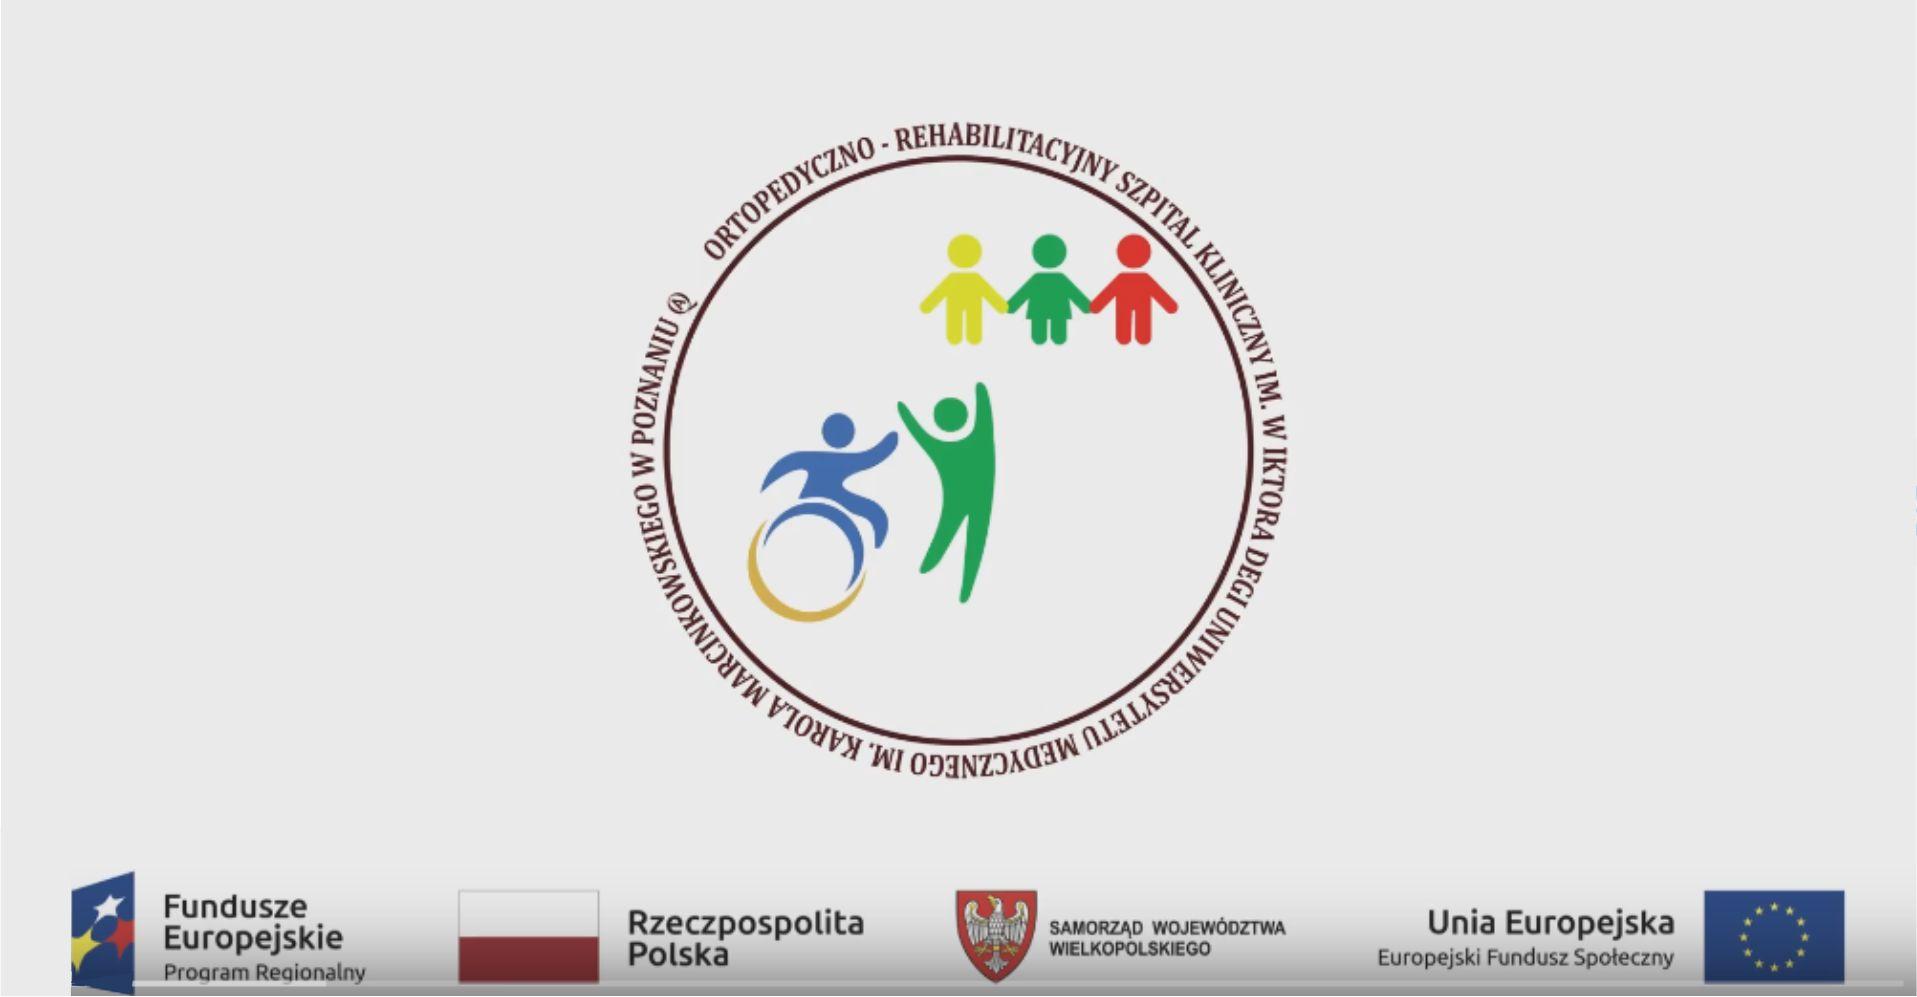 Projekt rehabilitacji dzieci i osób młodych dorosłych z mózgowym porażeniem dziecięcym